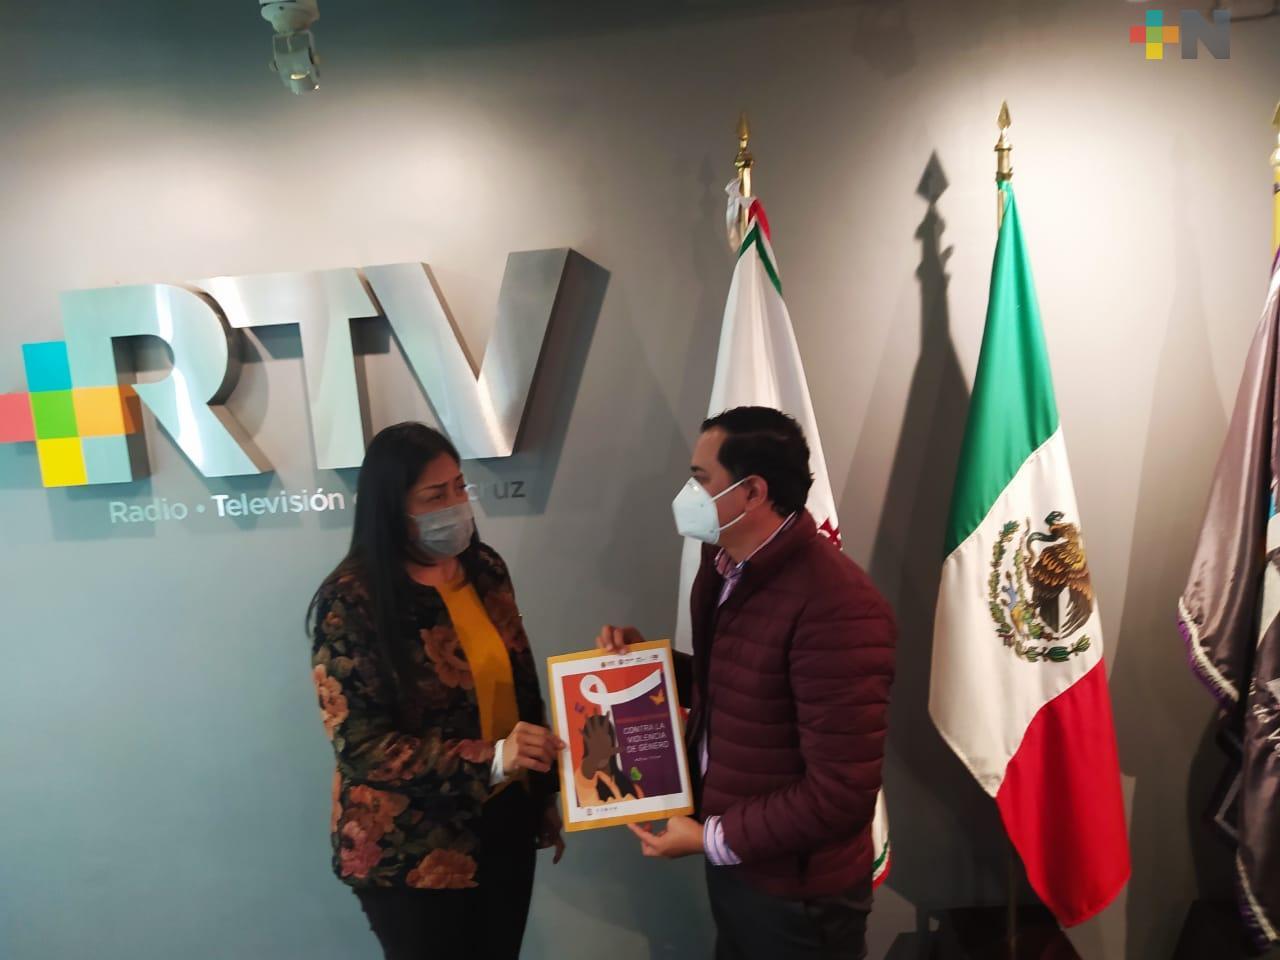 IVM entregó a RTV material para promover y difundir  derechos de las mujeres